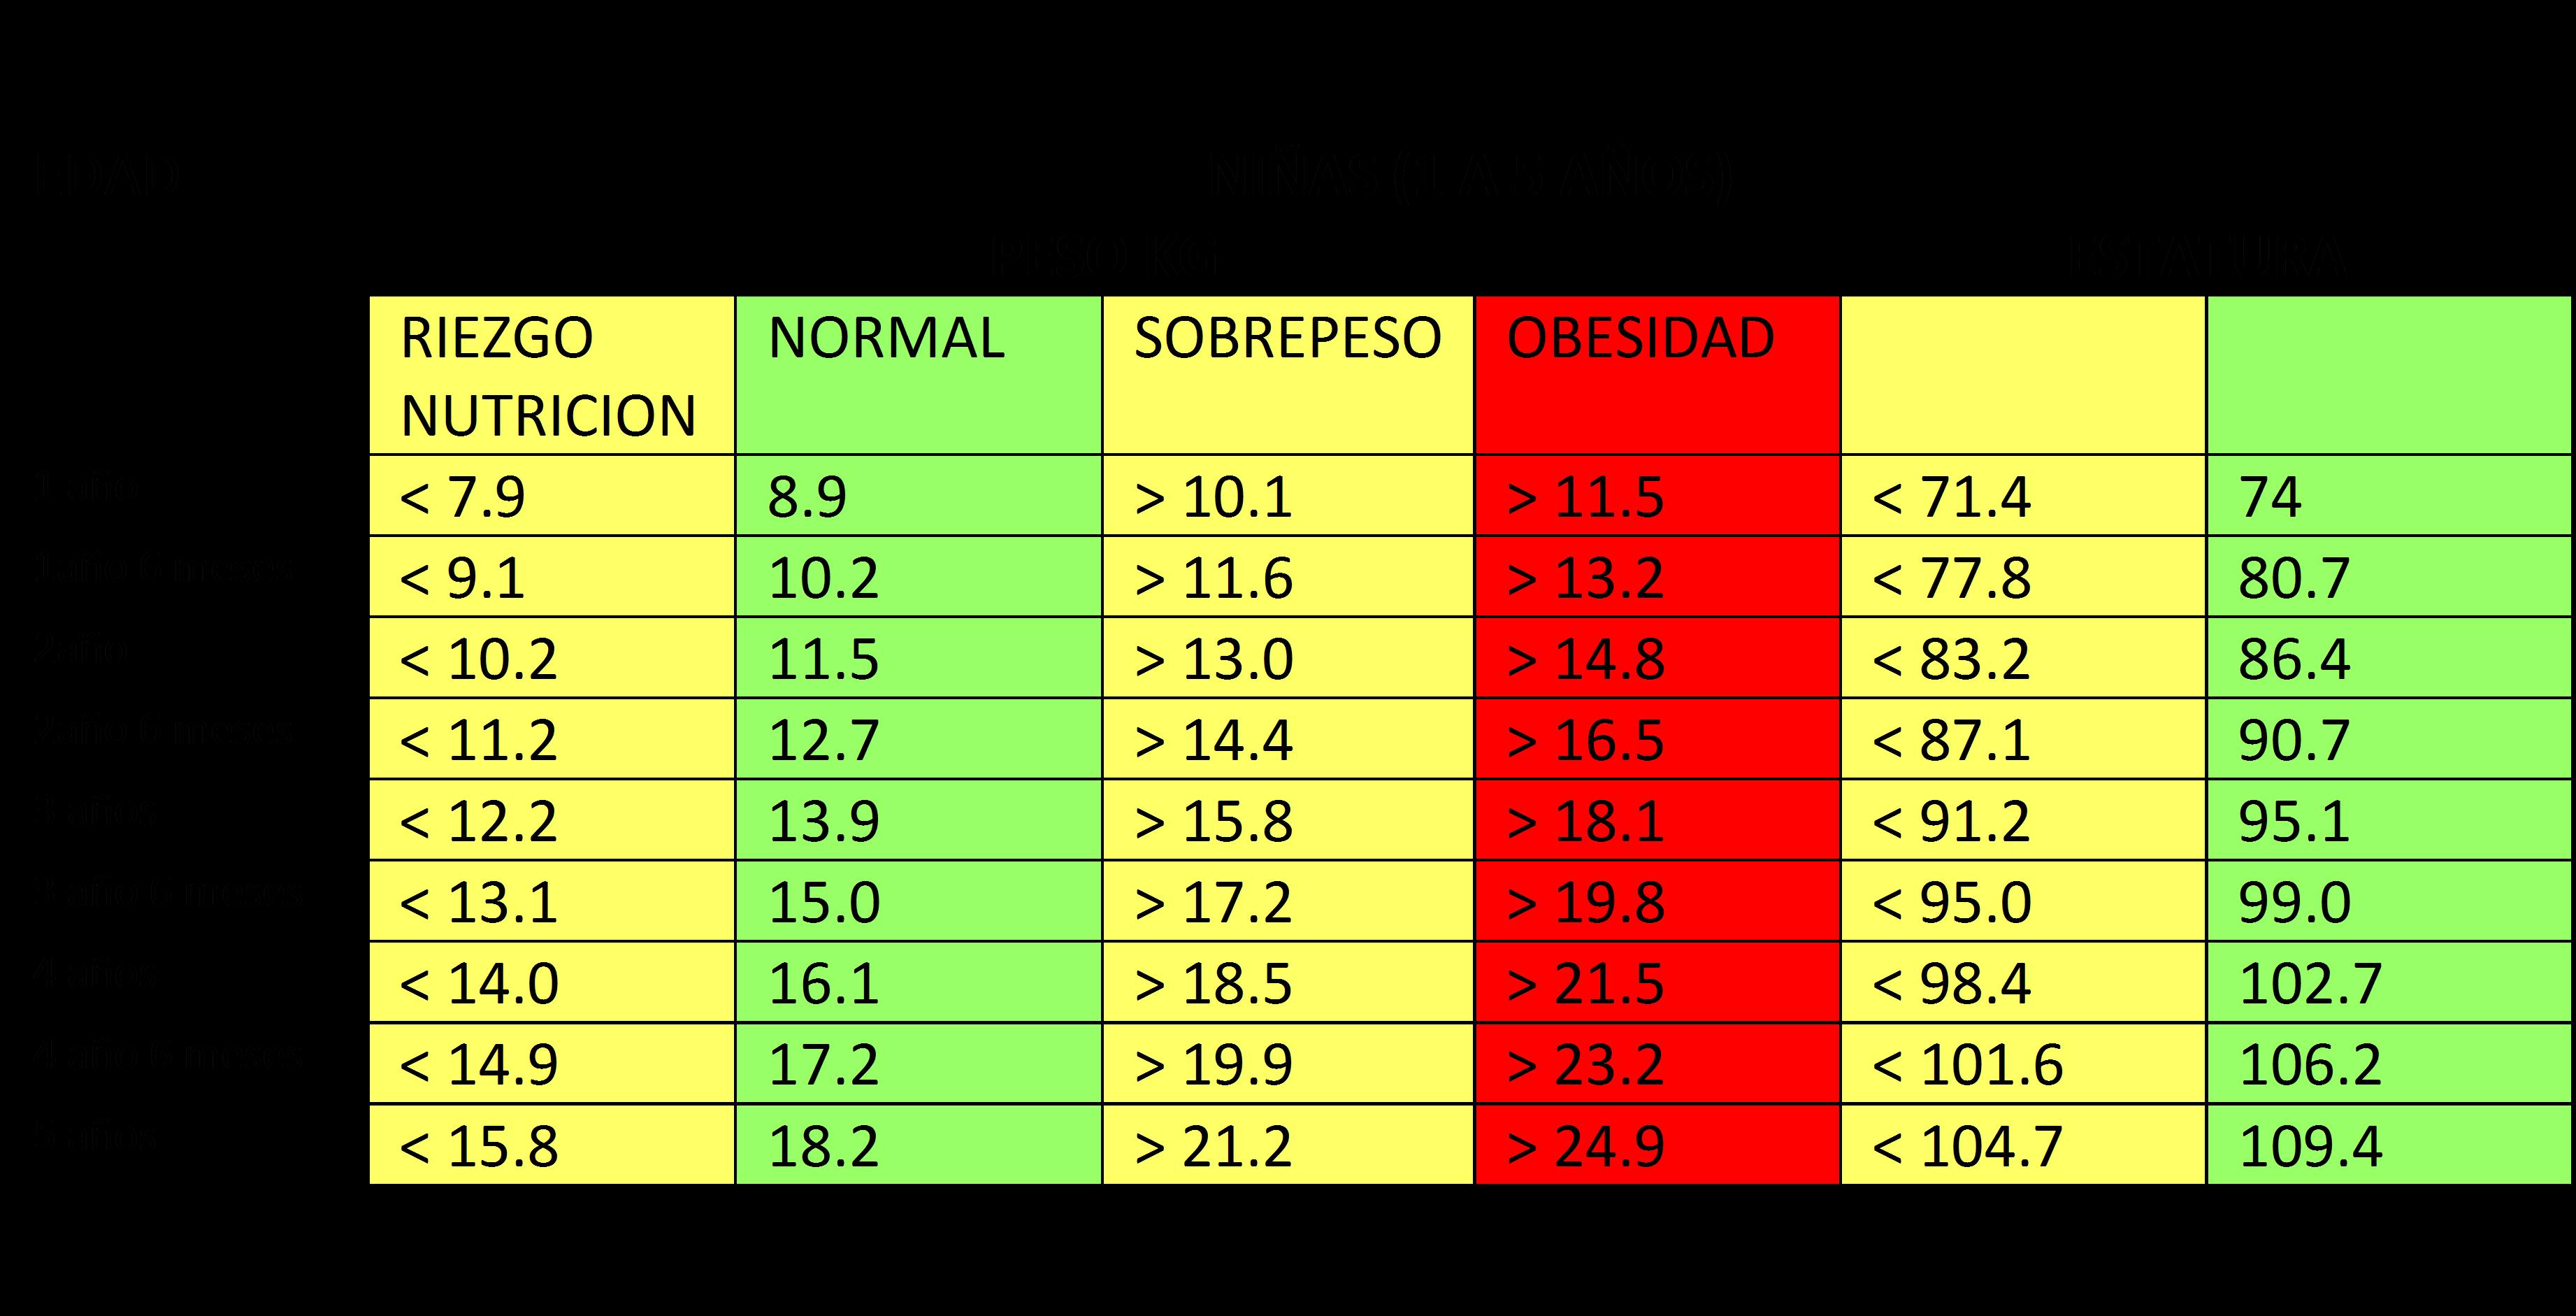 Estatura Tabla De Peso Y Talla En Ninos Mexicanos De 6 A 12 Anos Noticias Ninos